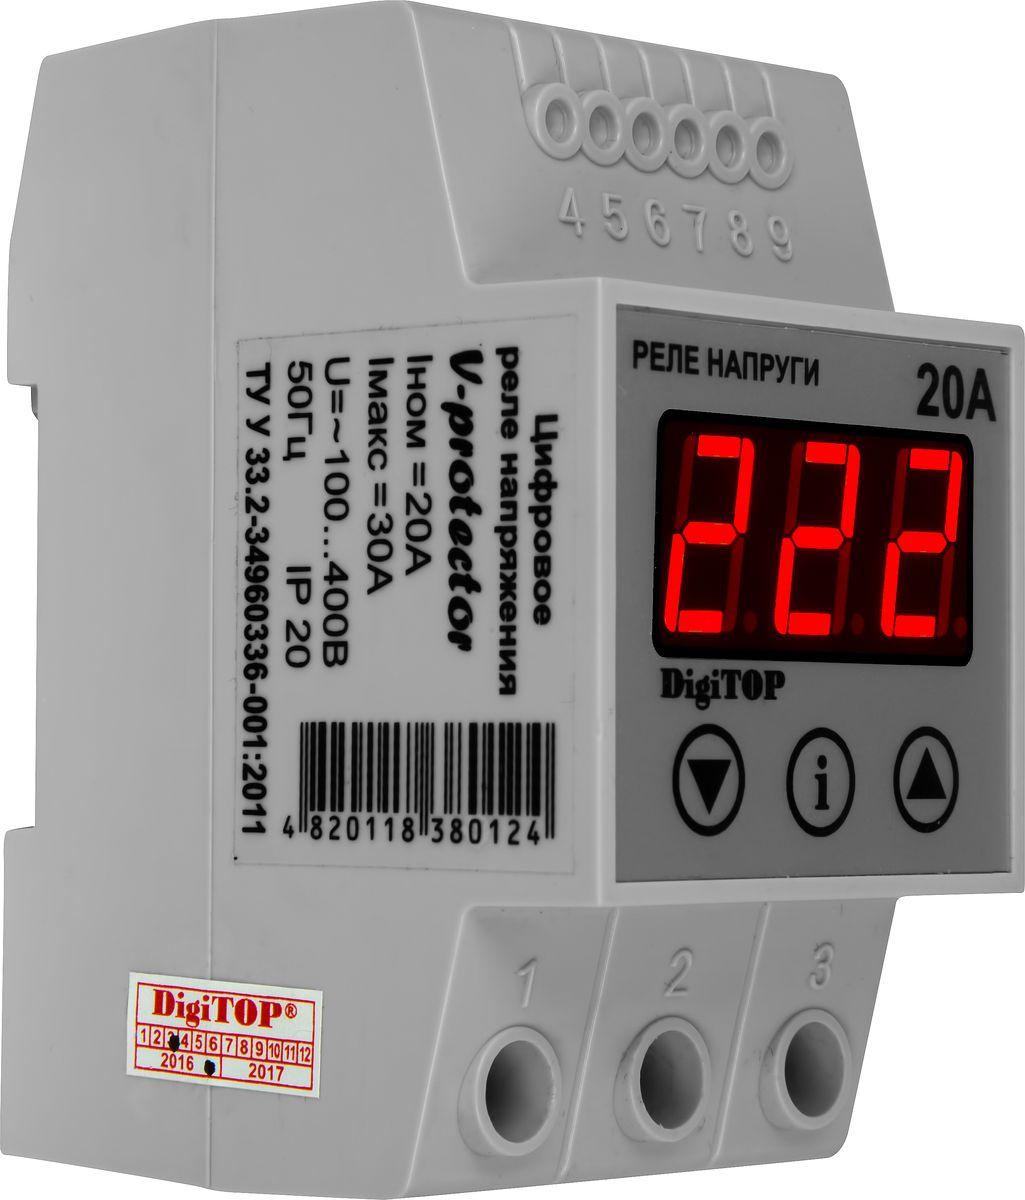 Реле напряжения DigiTOP Vp-20A00000000029Устройство защиты постоянно анализирует напряжение в сети и в случае выхода напряжения за установленные пределы происходит аварийное отключение потребителей. Для этого пользователь устанавливает необходимые верхний и нижний пределы напряжения и время, через которое РЕЛЕ НАПРЯЖЕНИЯ подключит нагрузку, после нормализации напряжения. Задержка на включение необходима для холодильников, кондиционеров, для которых неприемлемы кратковременные отключения питания. Основные особенности: - Полностью цифровое управление. - Табло индикации действующего значения напряжения. - Автоматическое включение нагрузки после нормализации напряжения. - Программируемая задержка на включение. - Программируемые значения верхнего и нижнего предела отключения напряжения. - Сброс значений на заводские установки. - Модульное исполнение для крепления на монтажный профиль TS-35 (DIN-рейку 35мм).